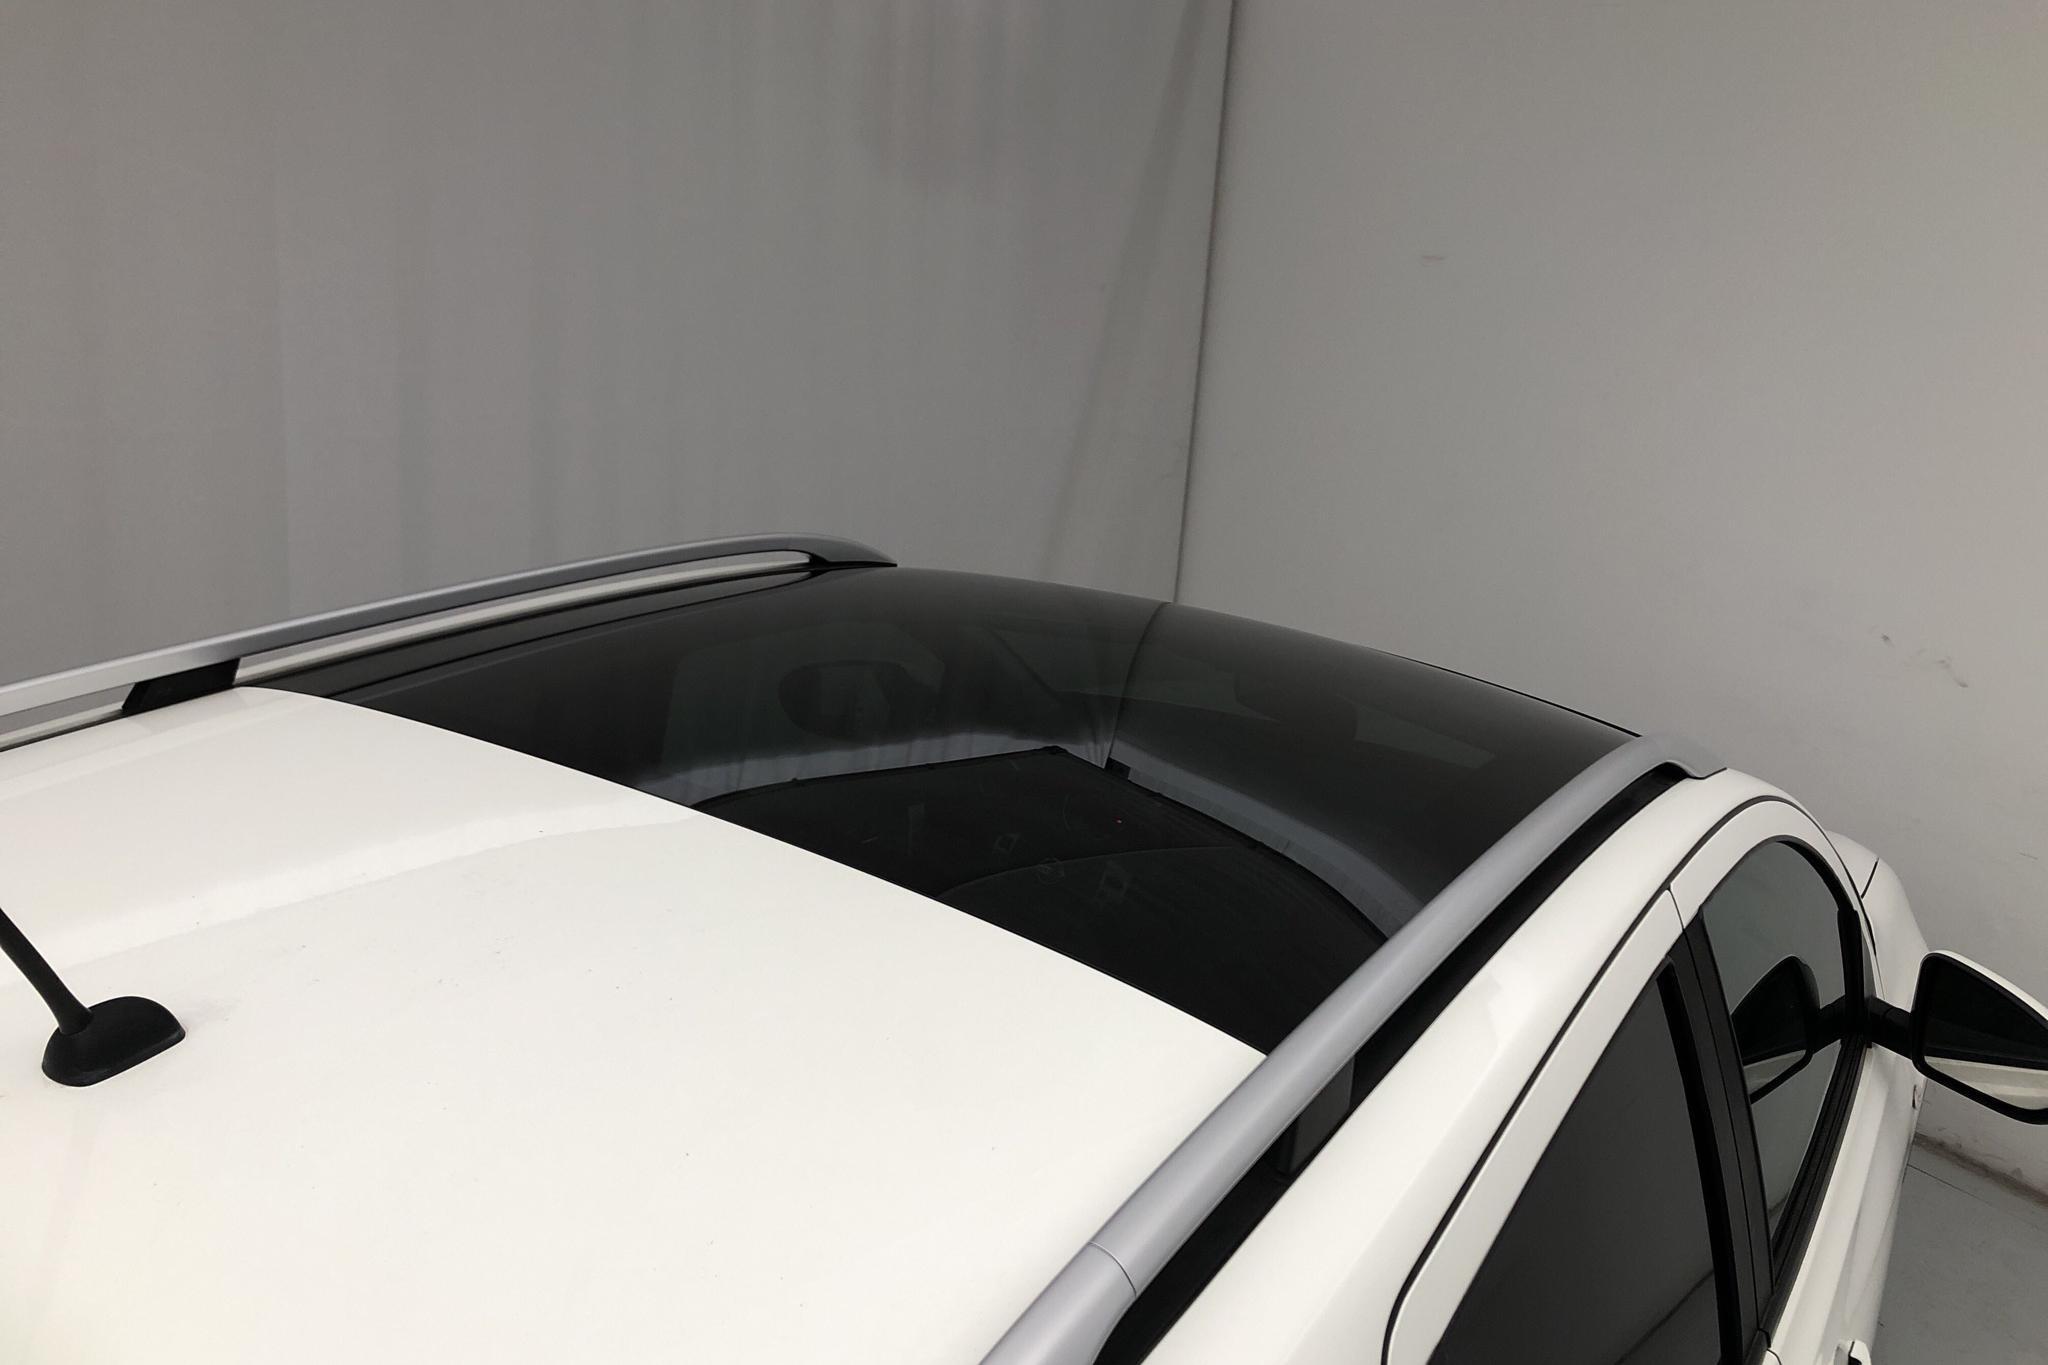 Nissan Qashqai 1.6 dCi (130hk) - 11 670 mil - Manuell - vit - 2014